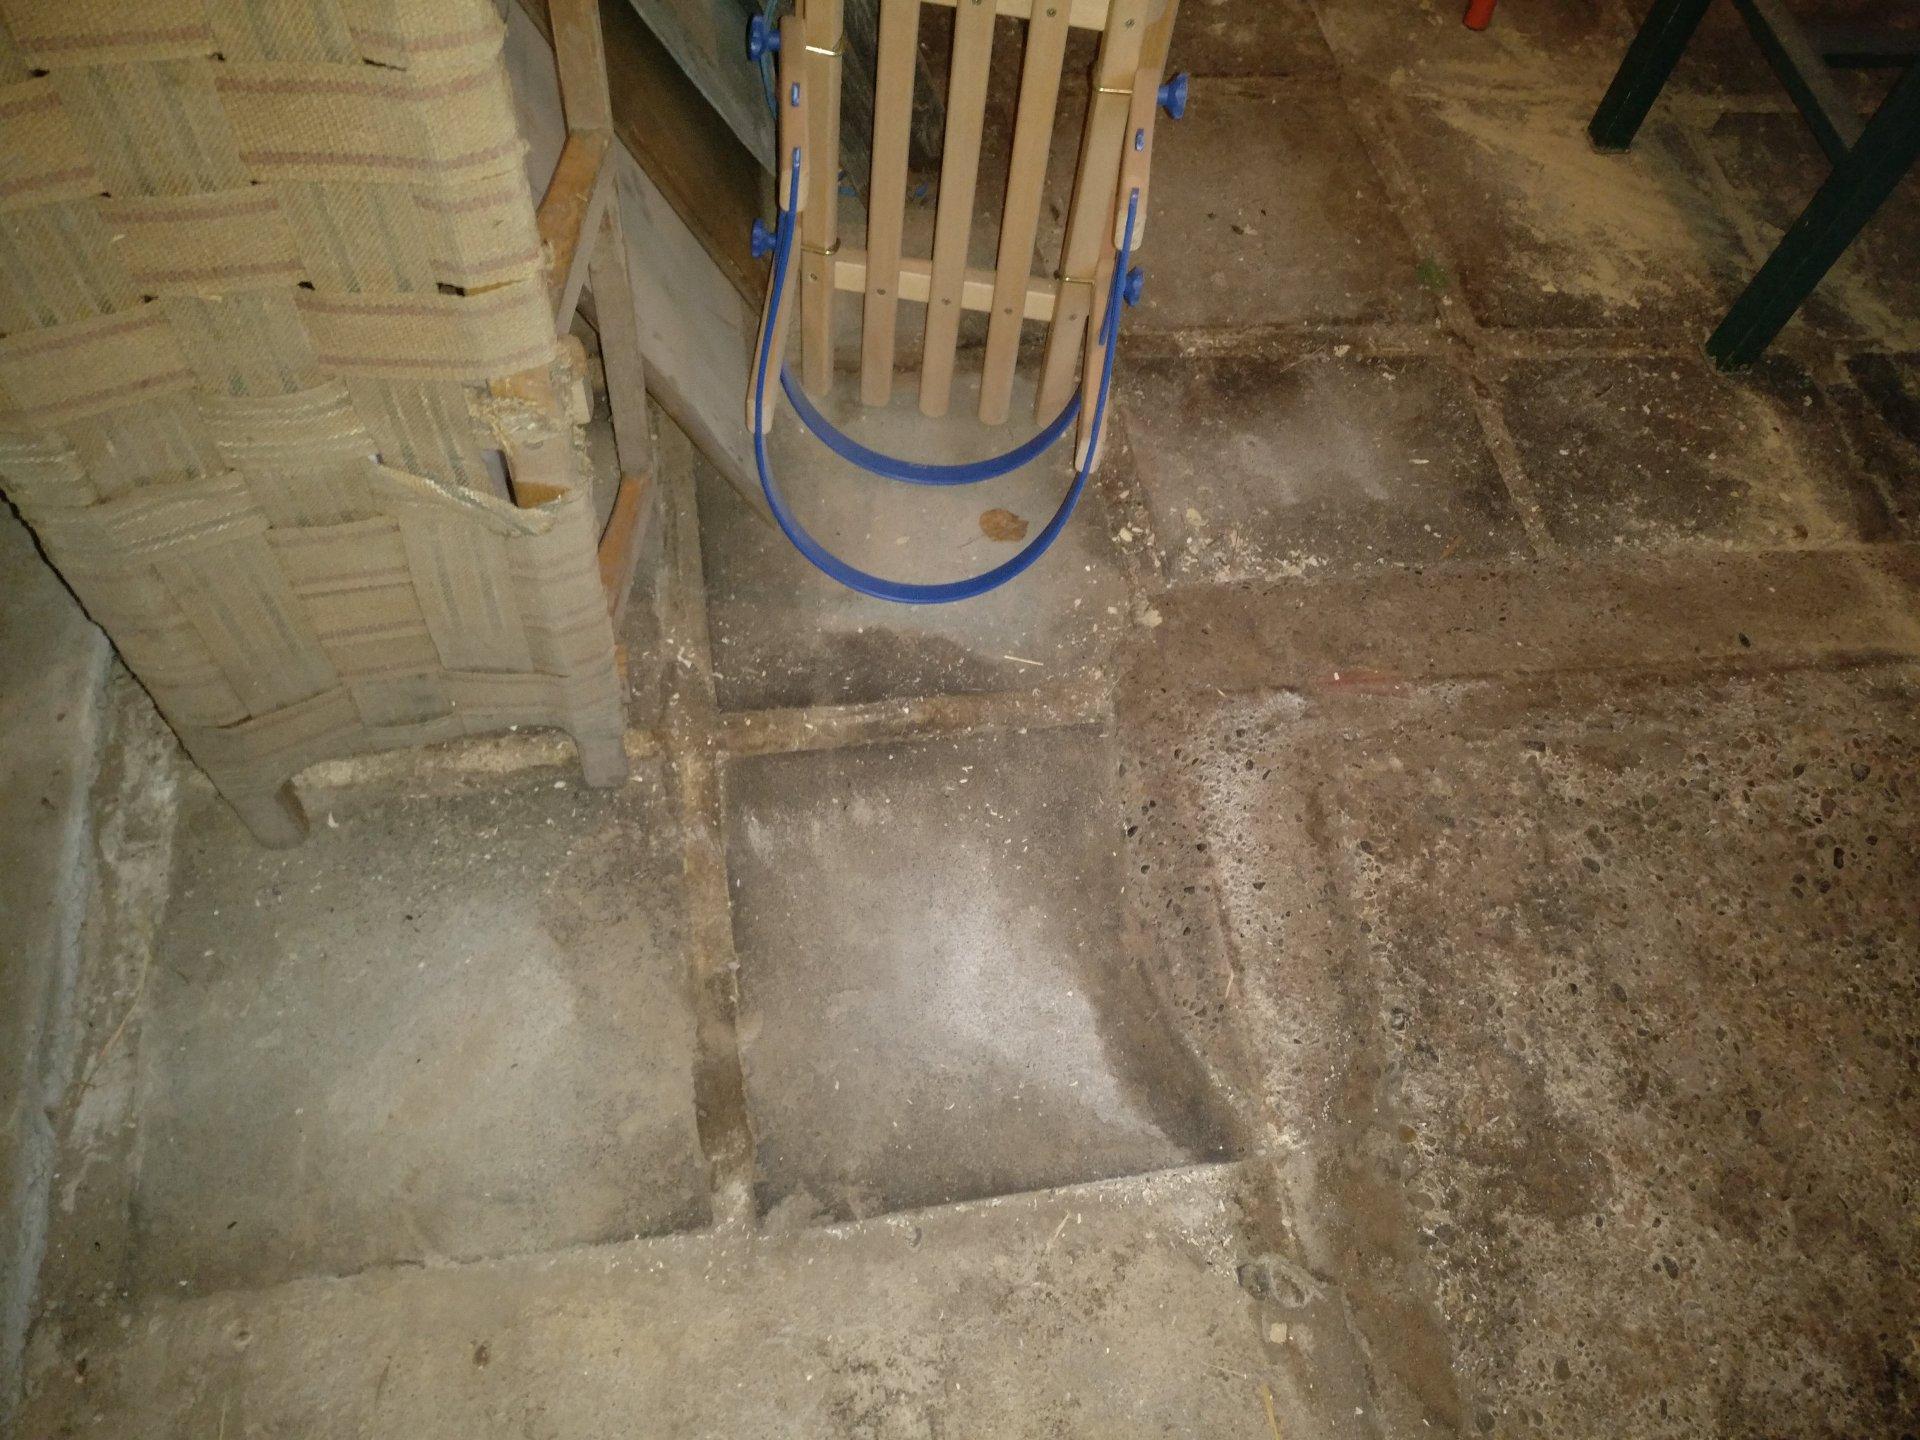 Fußboden Im Schuppen ~ Boden in scheune schuppen begradigen